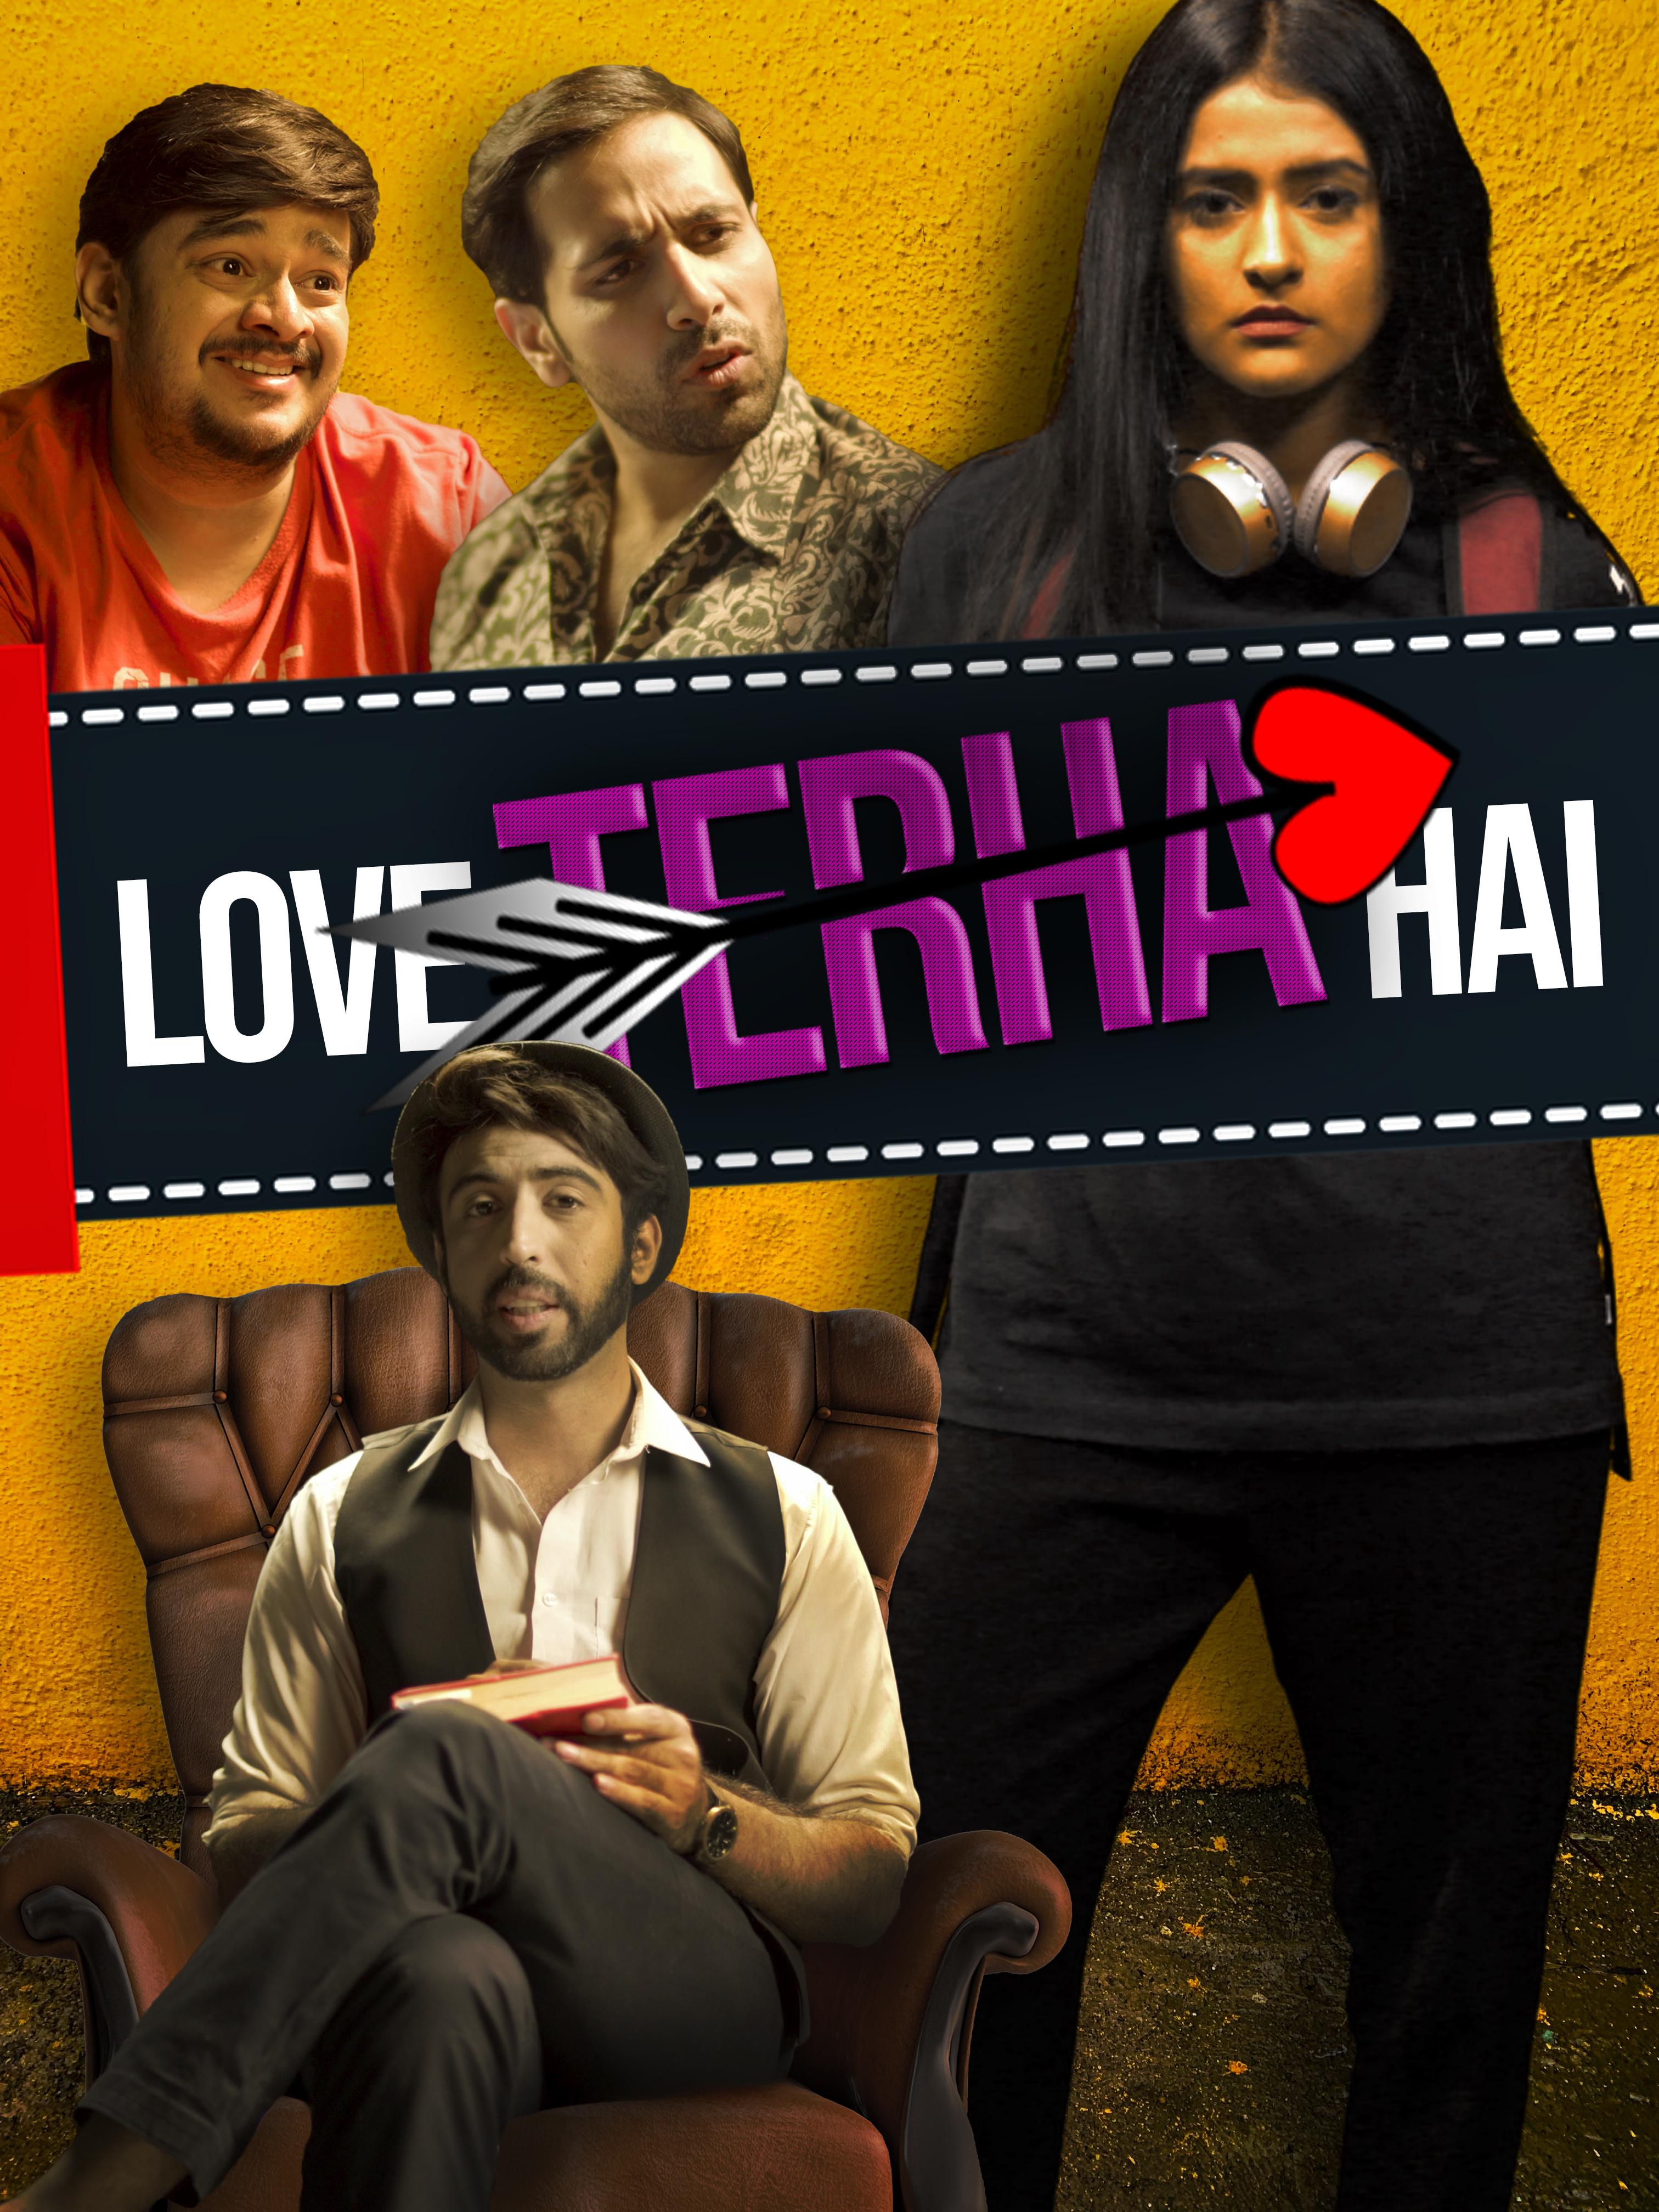 Love Terha Hai (2020) Urdu 720p HEVC HDRip x265 AAC ESubs Full  (300MB) Full Movie Download